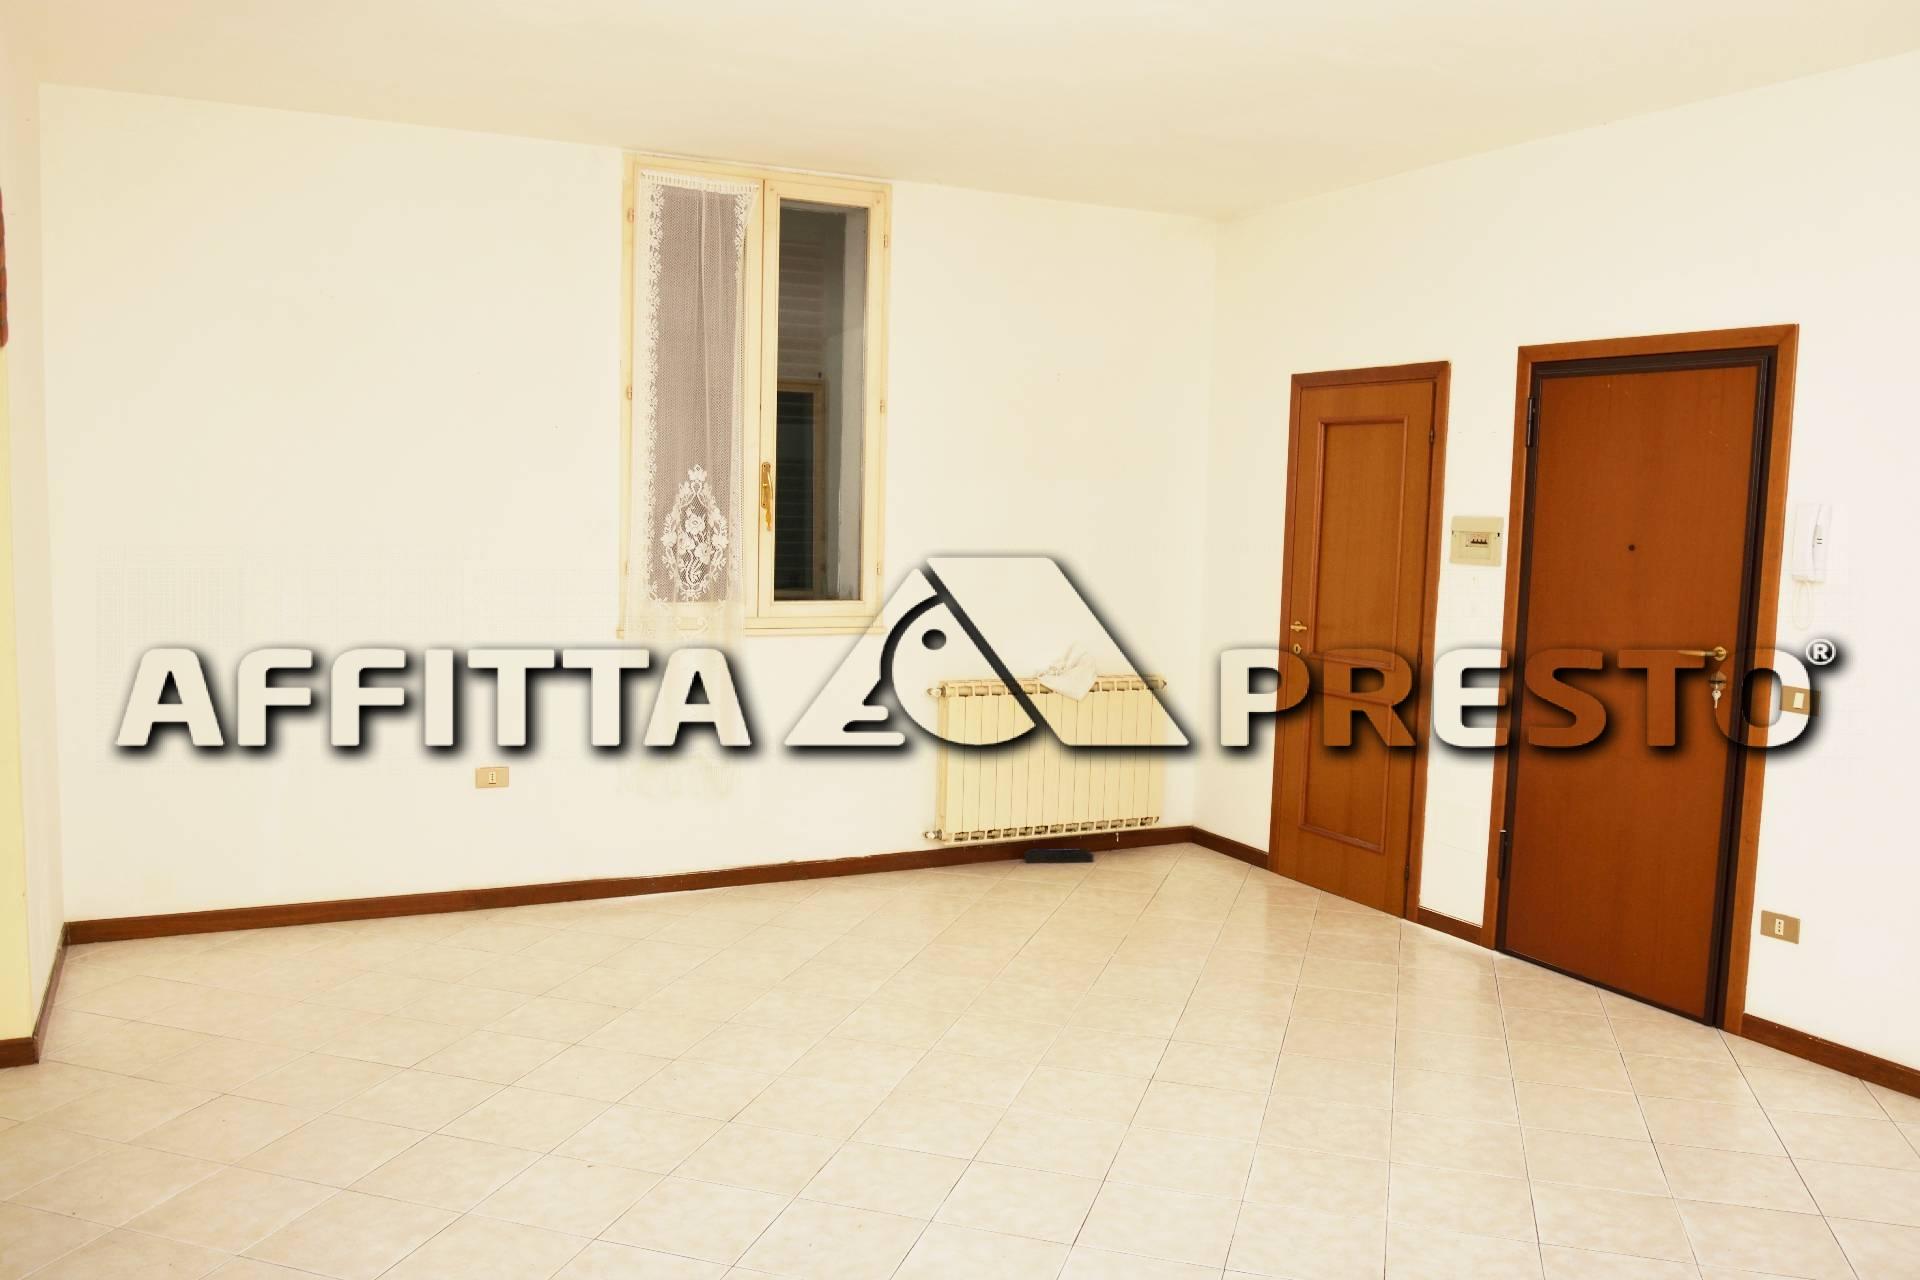 Appartamento in affitto a Ravenna, 3 locali, zona Località: Stazione, prezzo € 550   CambioCasa.it